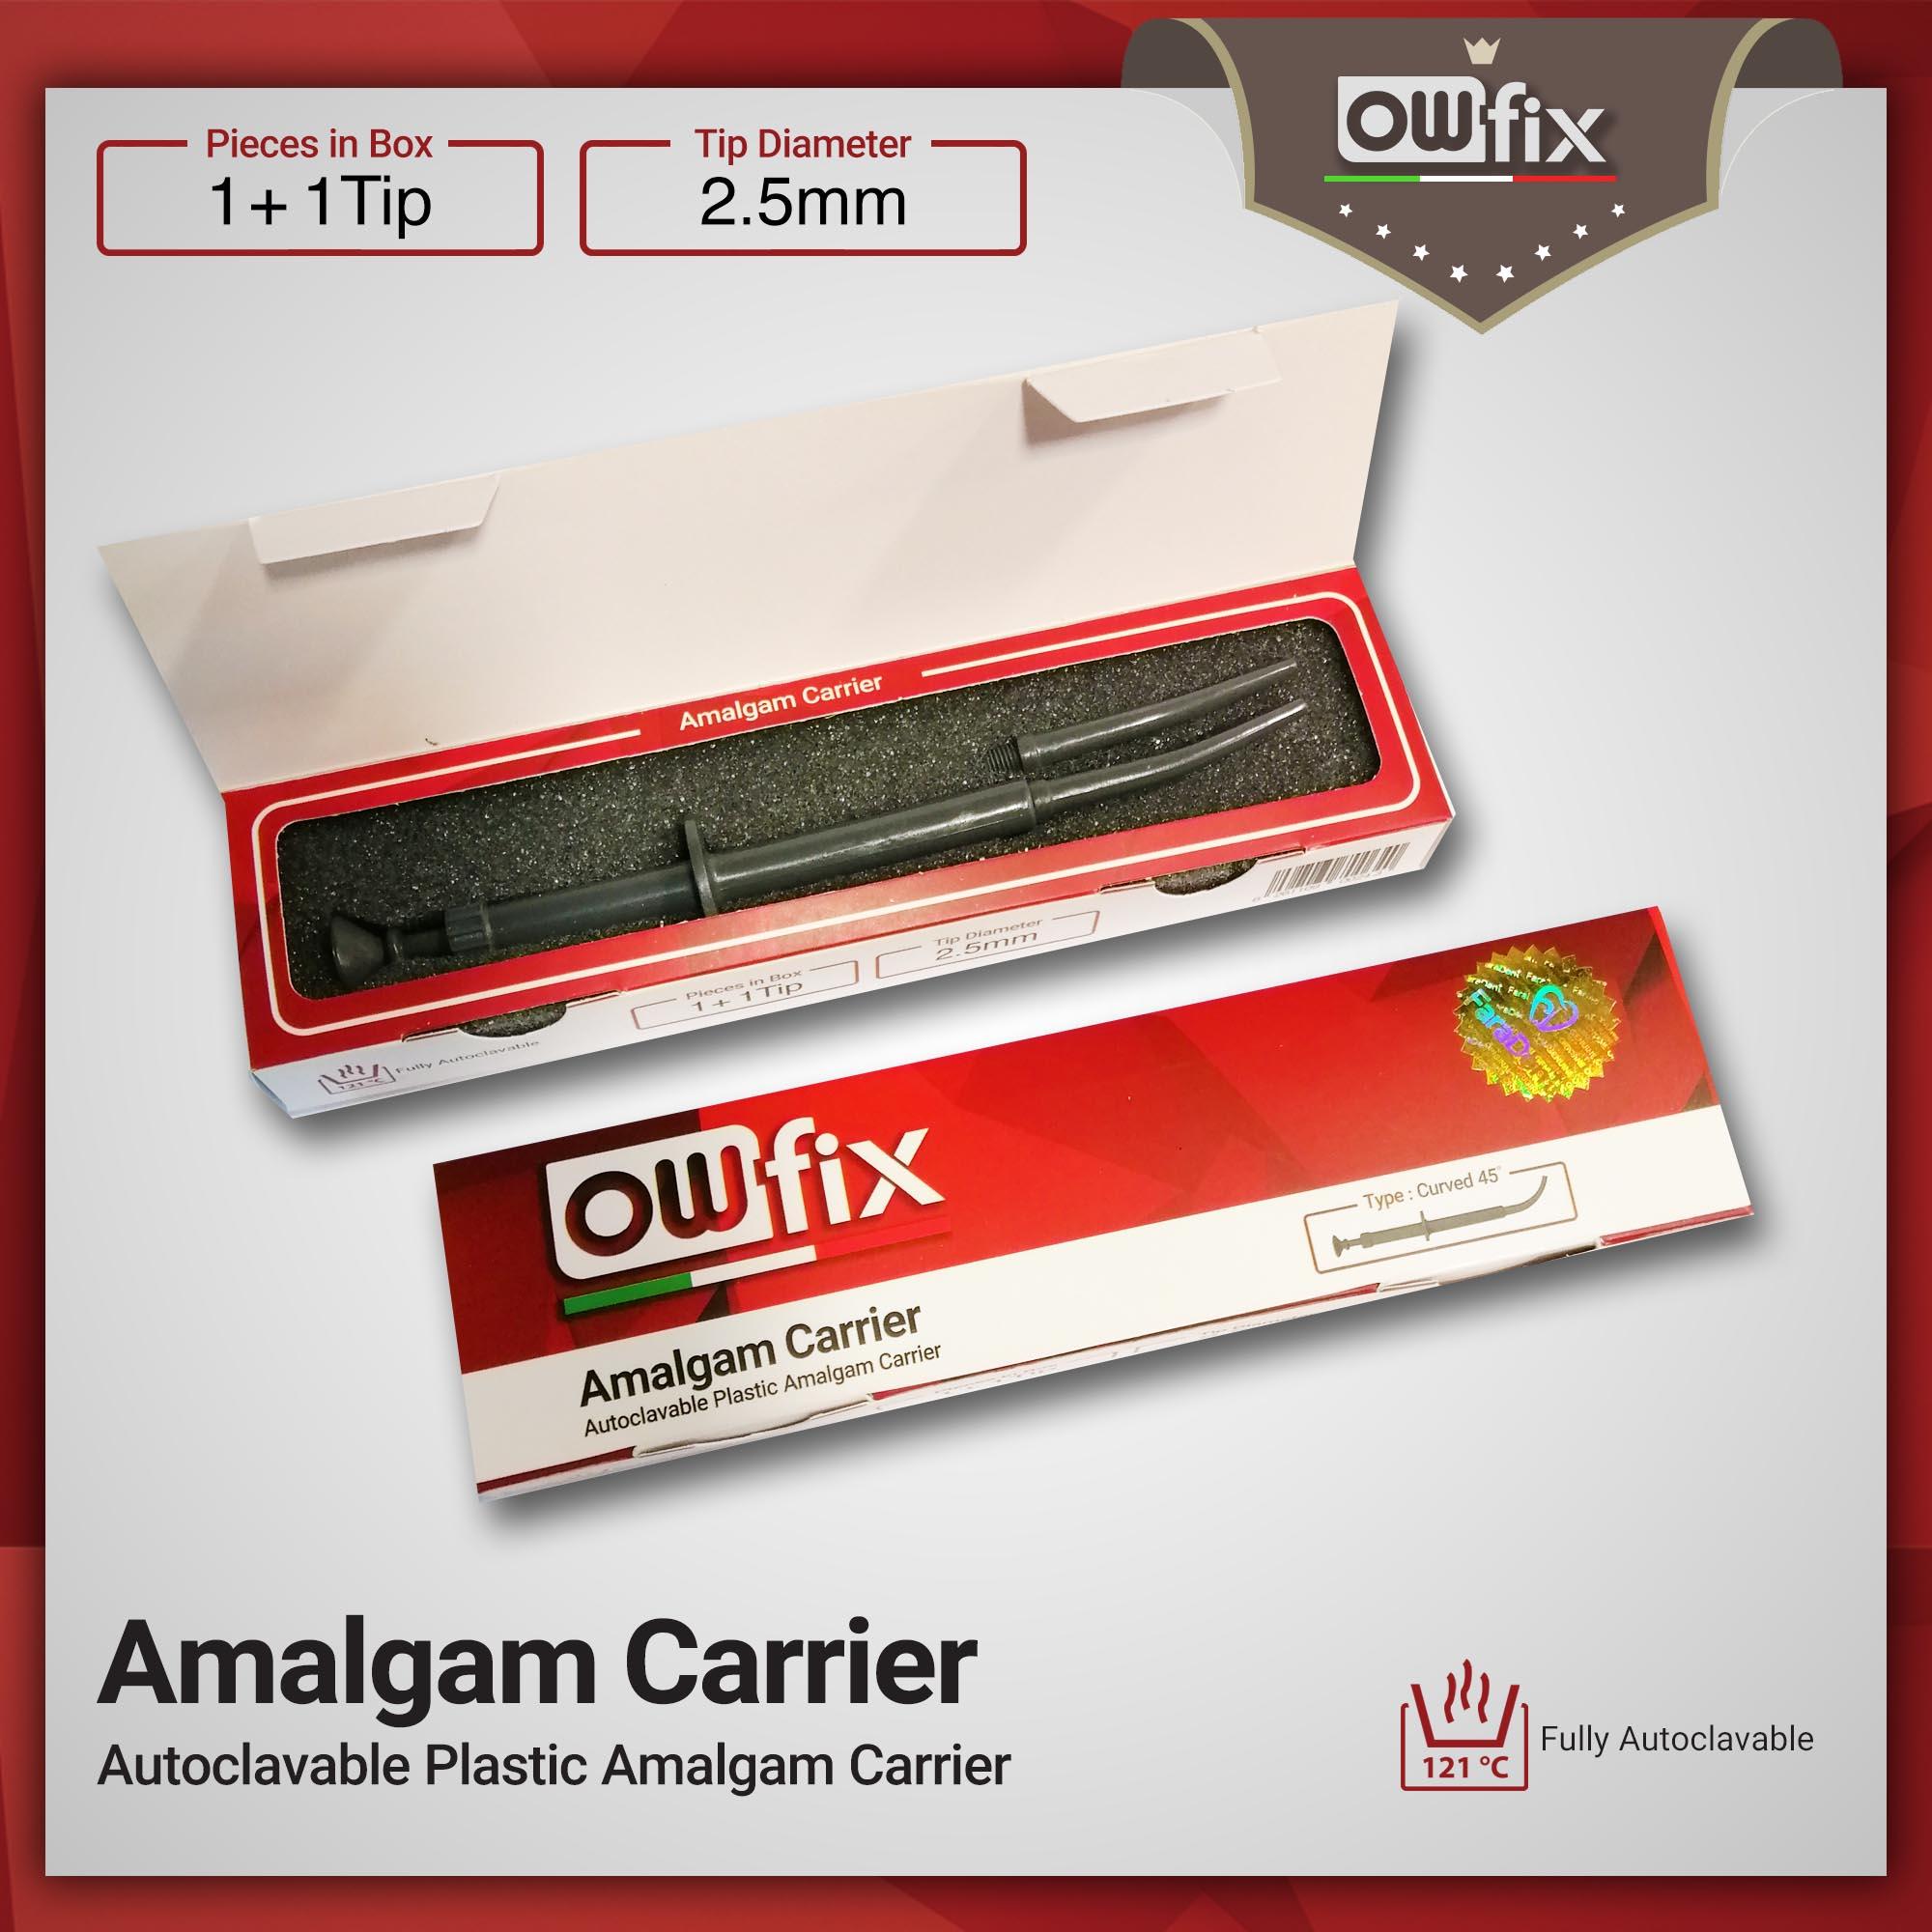 Autoclavable Plastic Amalgam Carrier owfix